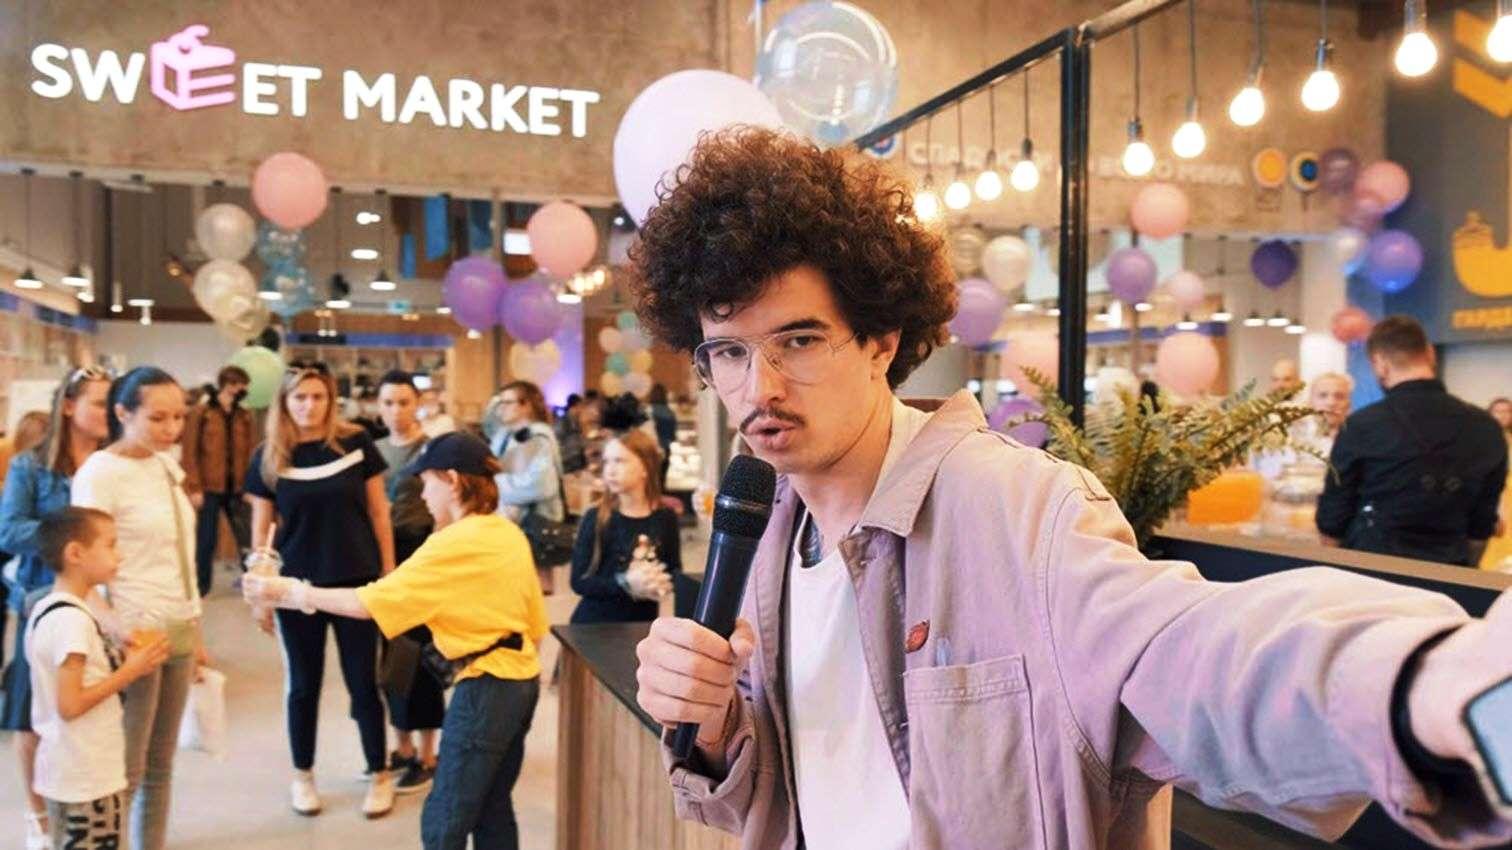 В Москве открылся первый в России Sweet Market